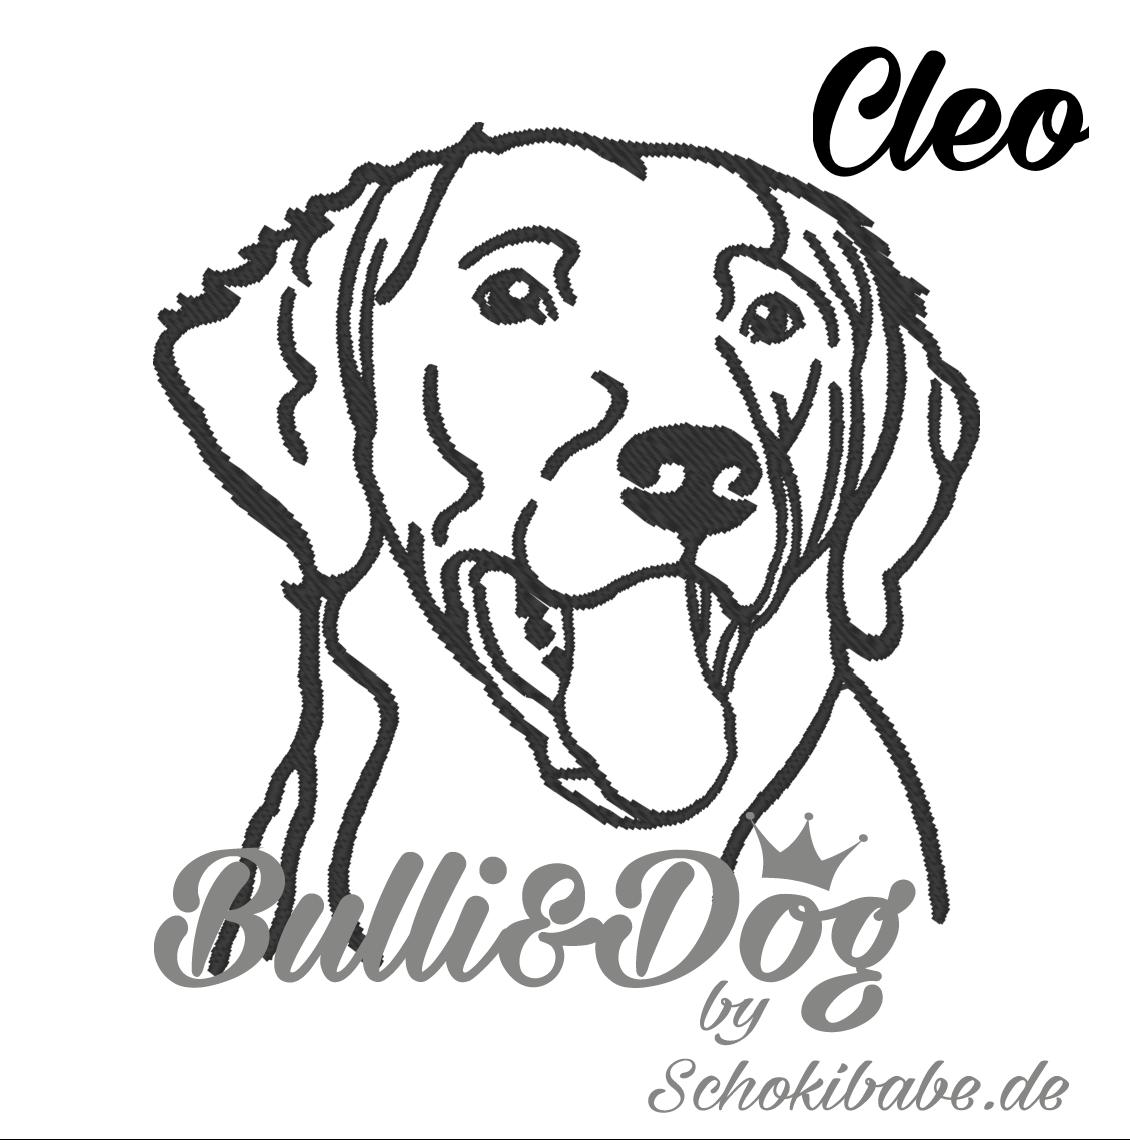 Cleo_7x7